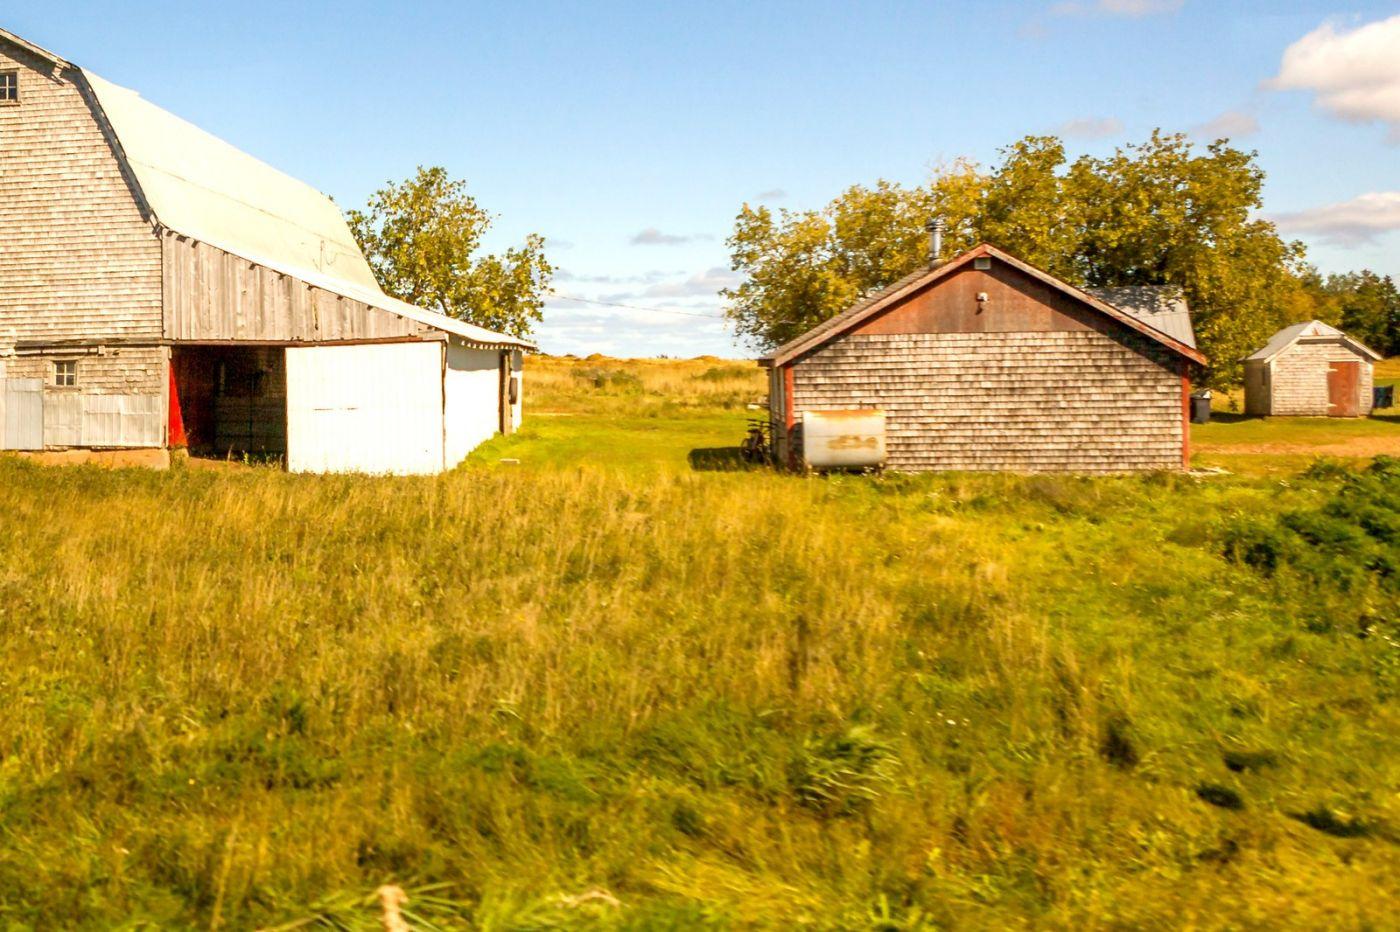 加拿大旅途,家还是自己的好_图1-11